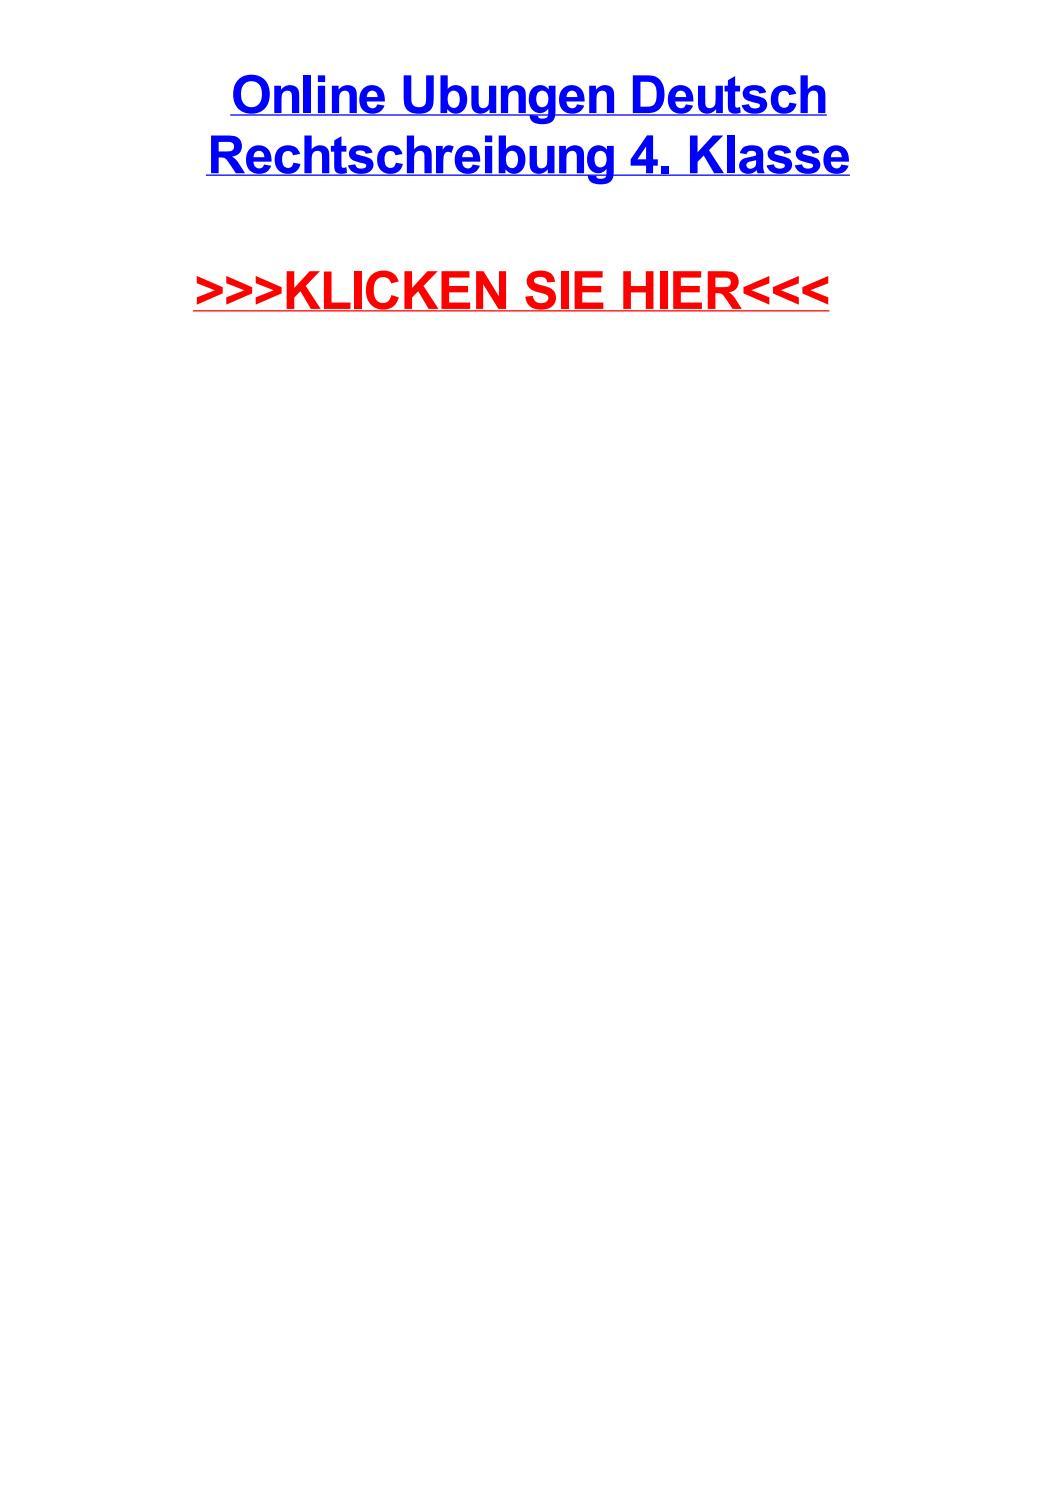 Online ubungen deutsch rechtschreibung 4 klasse by paulnfnm - issuu